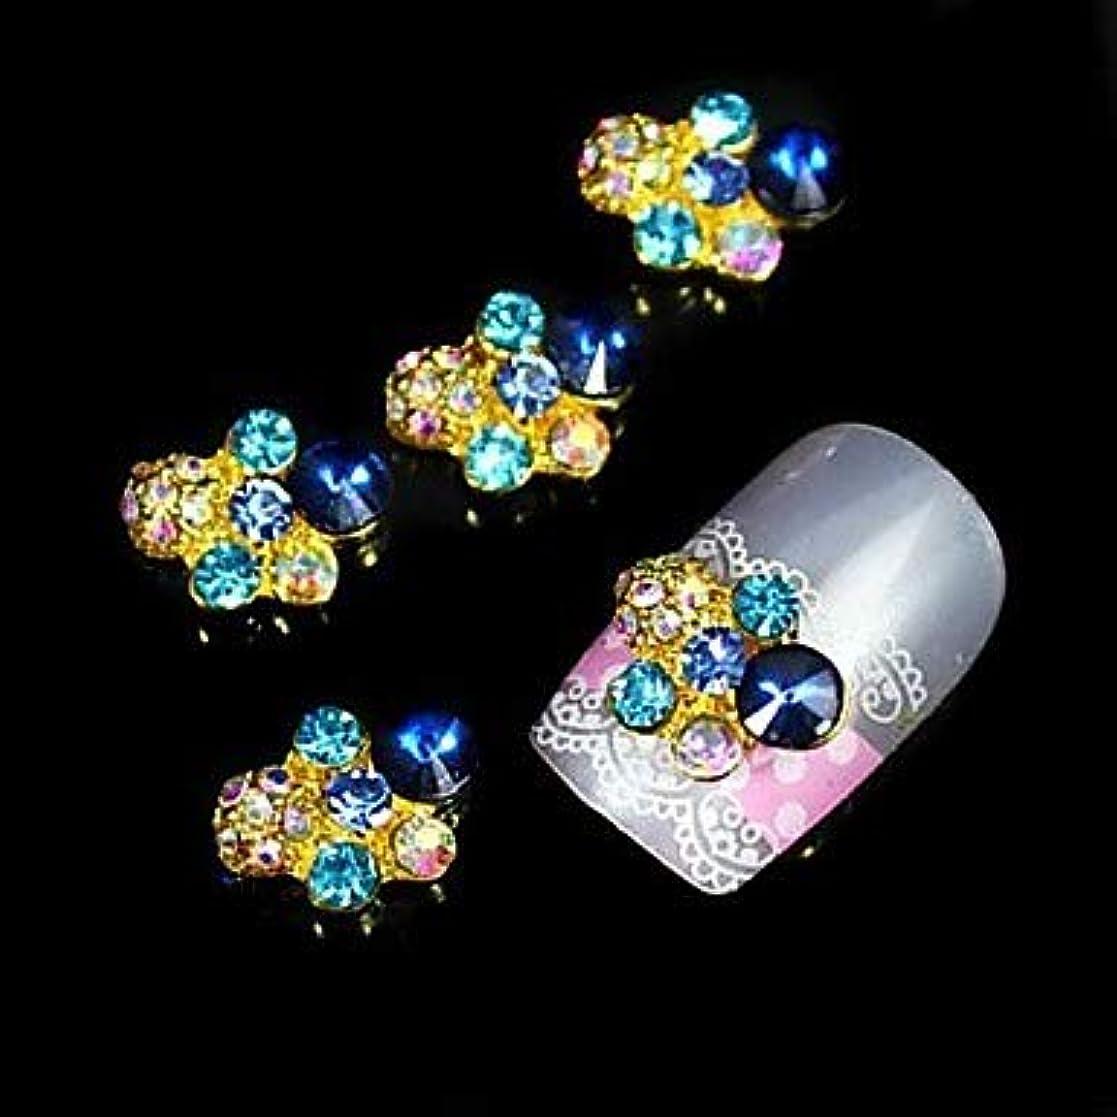 のど争う寛容な指のつま先のための金属のネイルジュエリー他の素敵なネイルアートマニキュアペディキュアフルーツの花抽象毎日漫画パンク